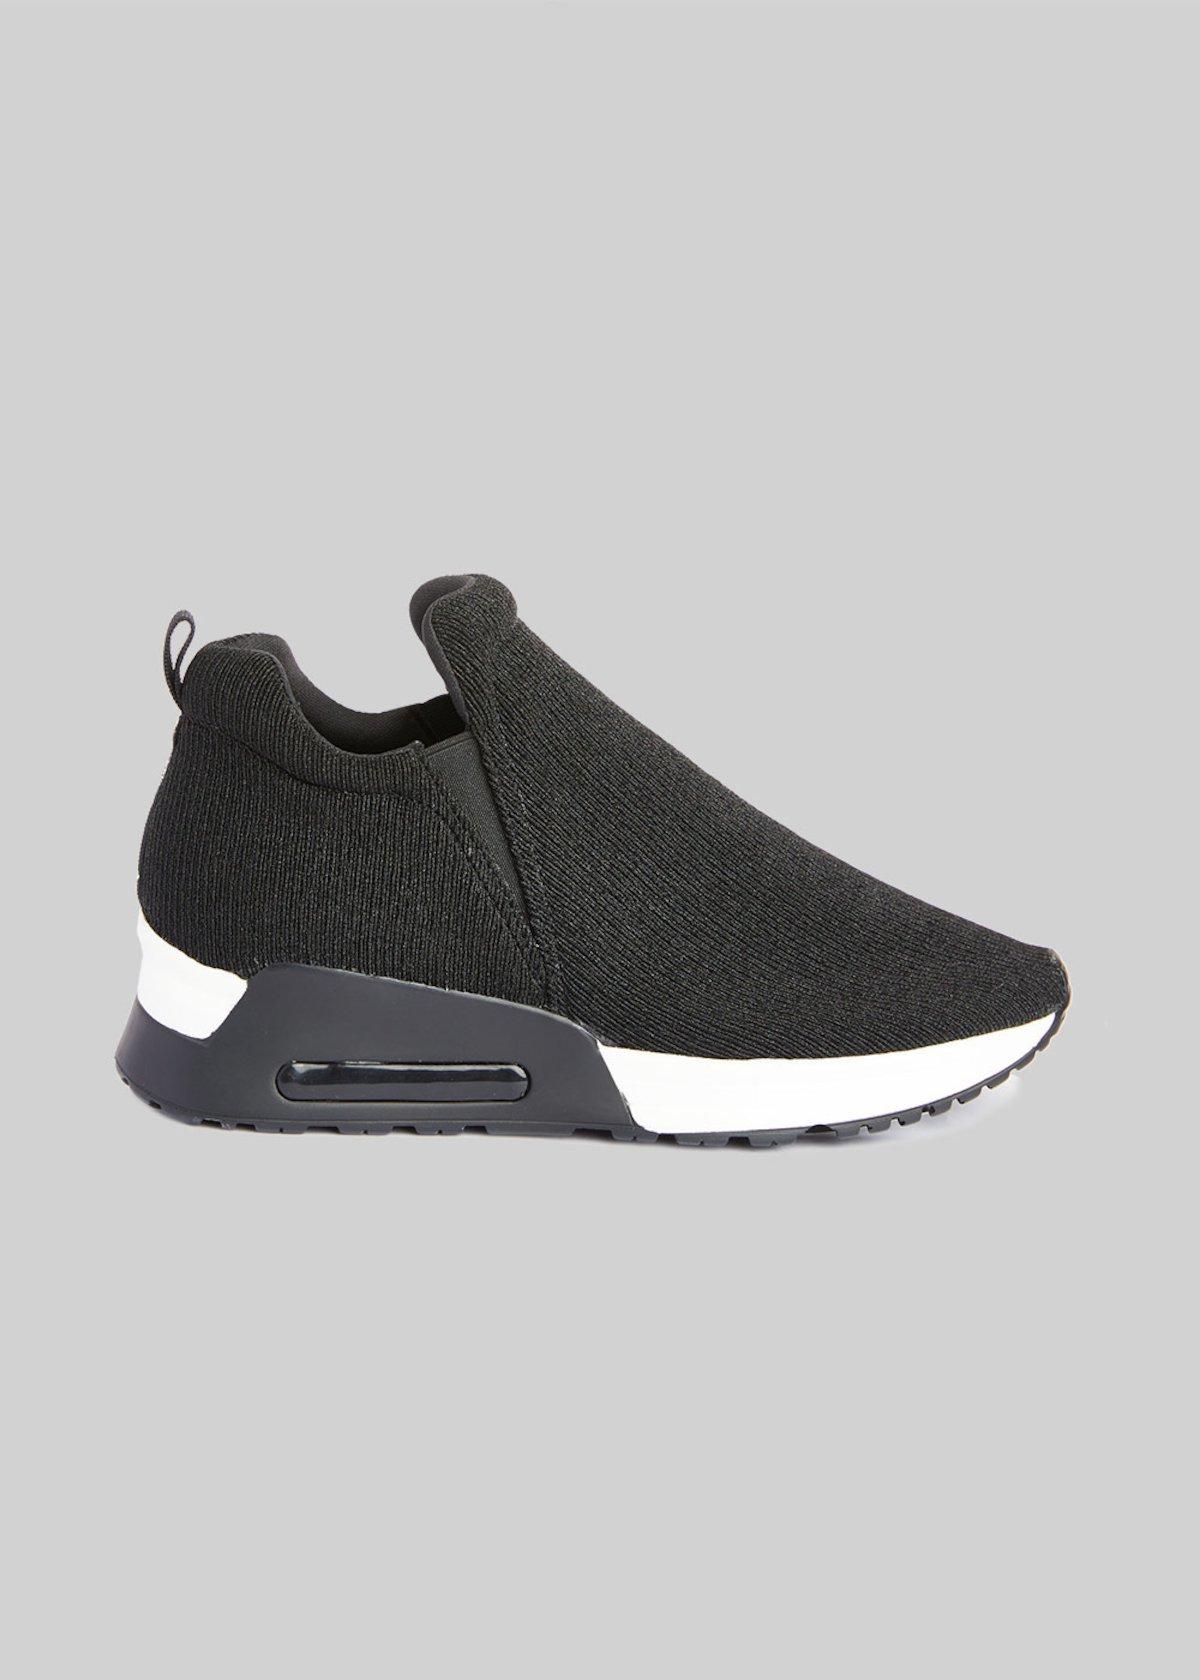 Sneakers textile Smarta - Black - Donna - Immagine categoria